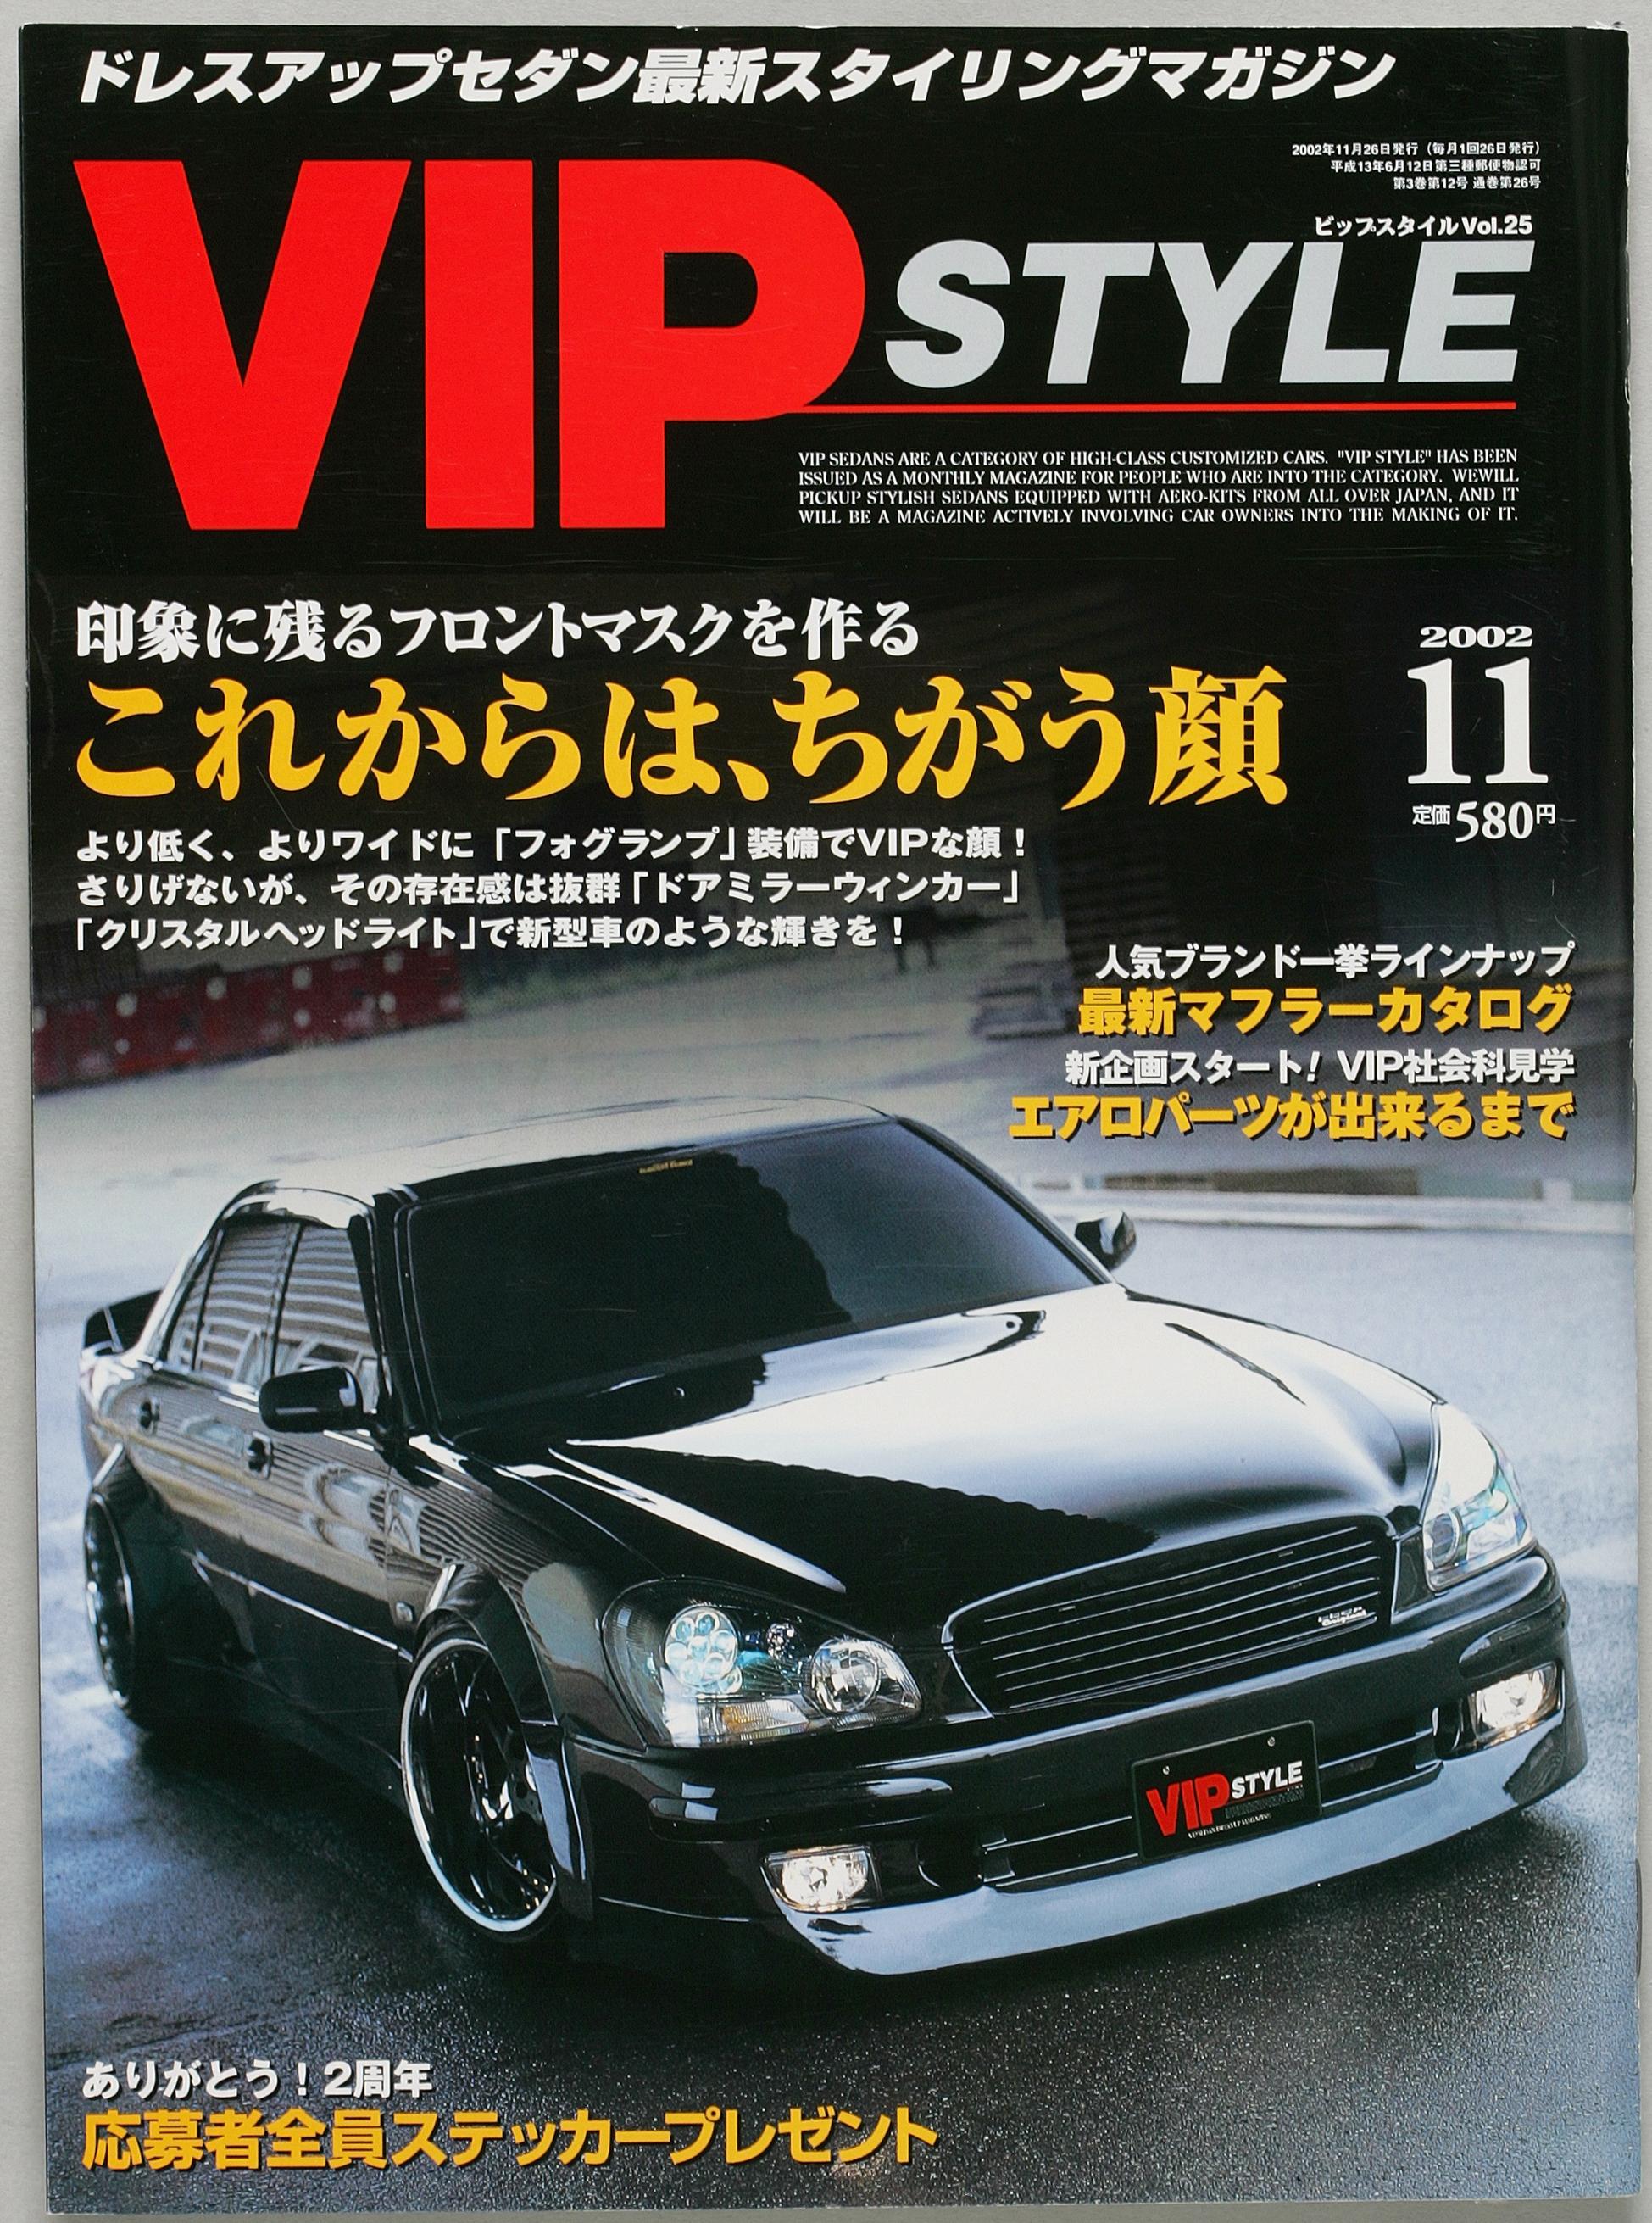 VIPスタイル VOL.25